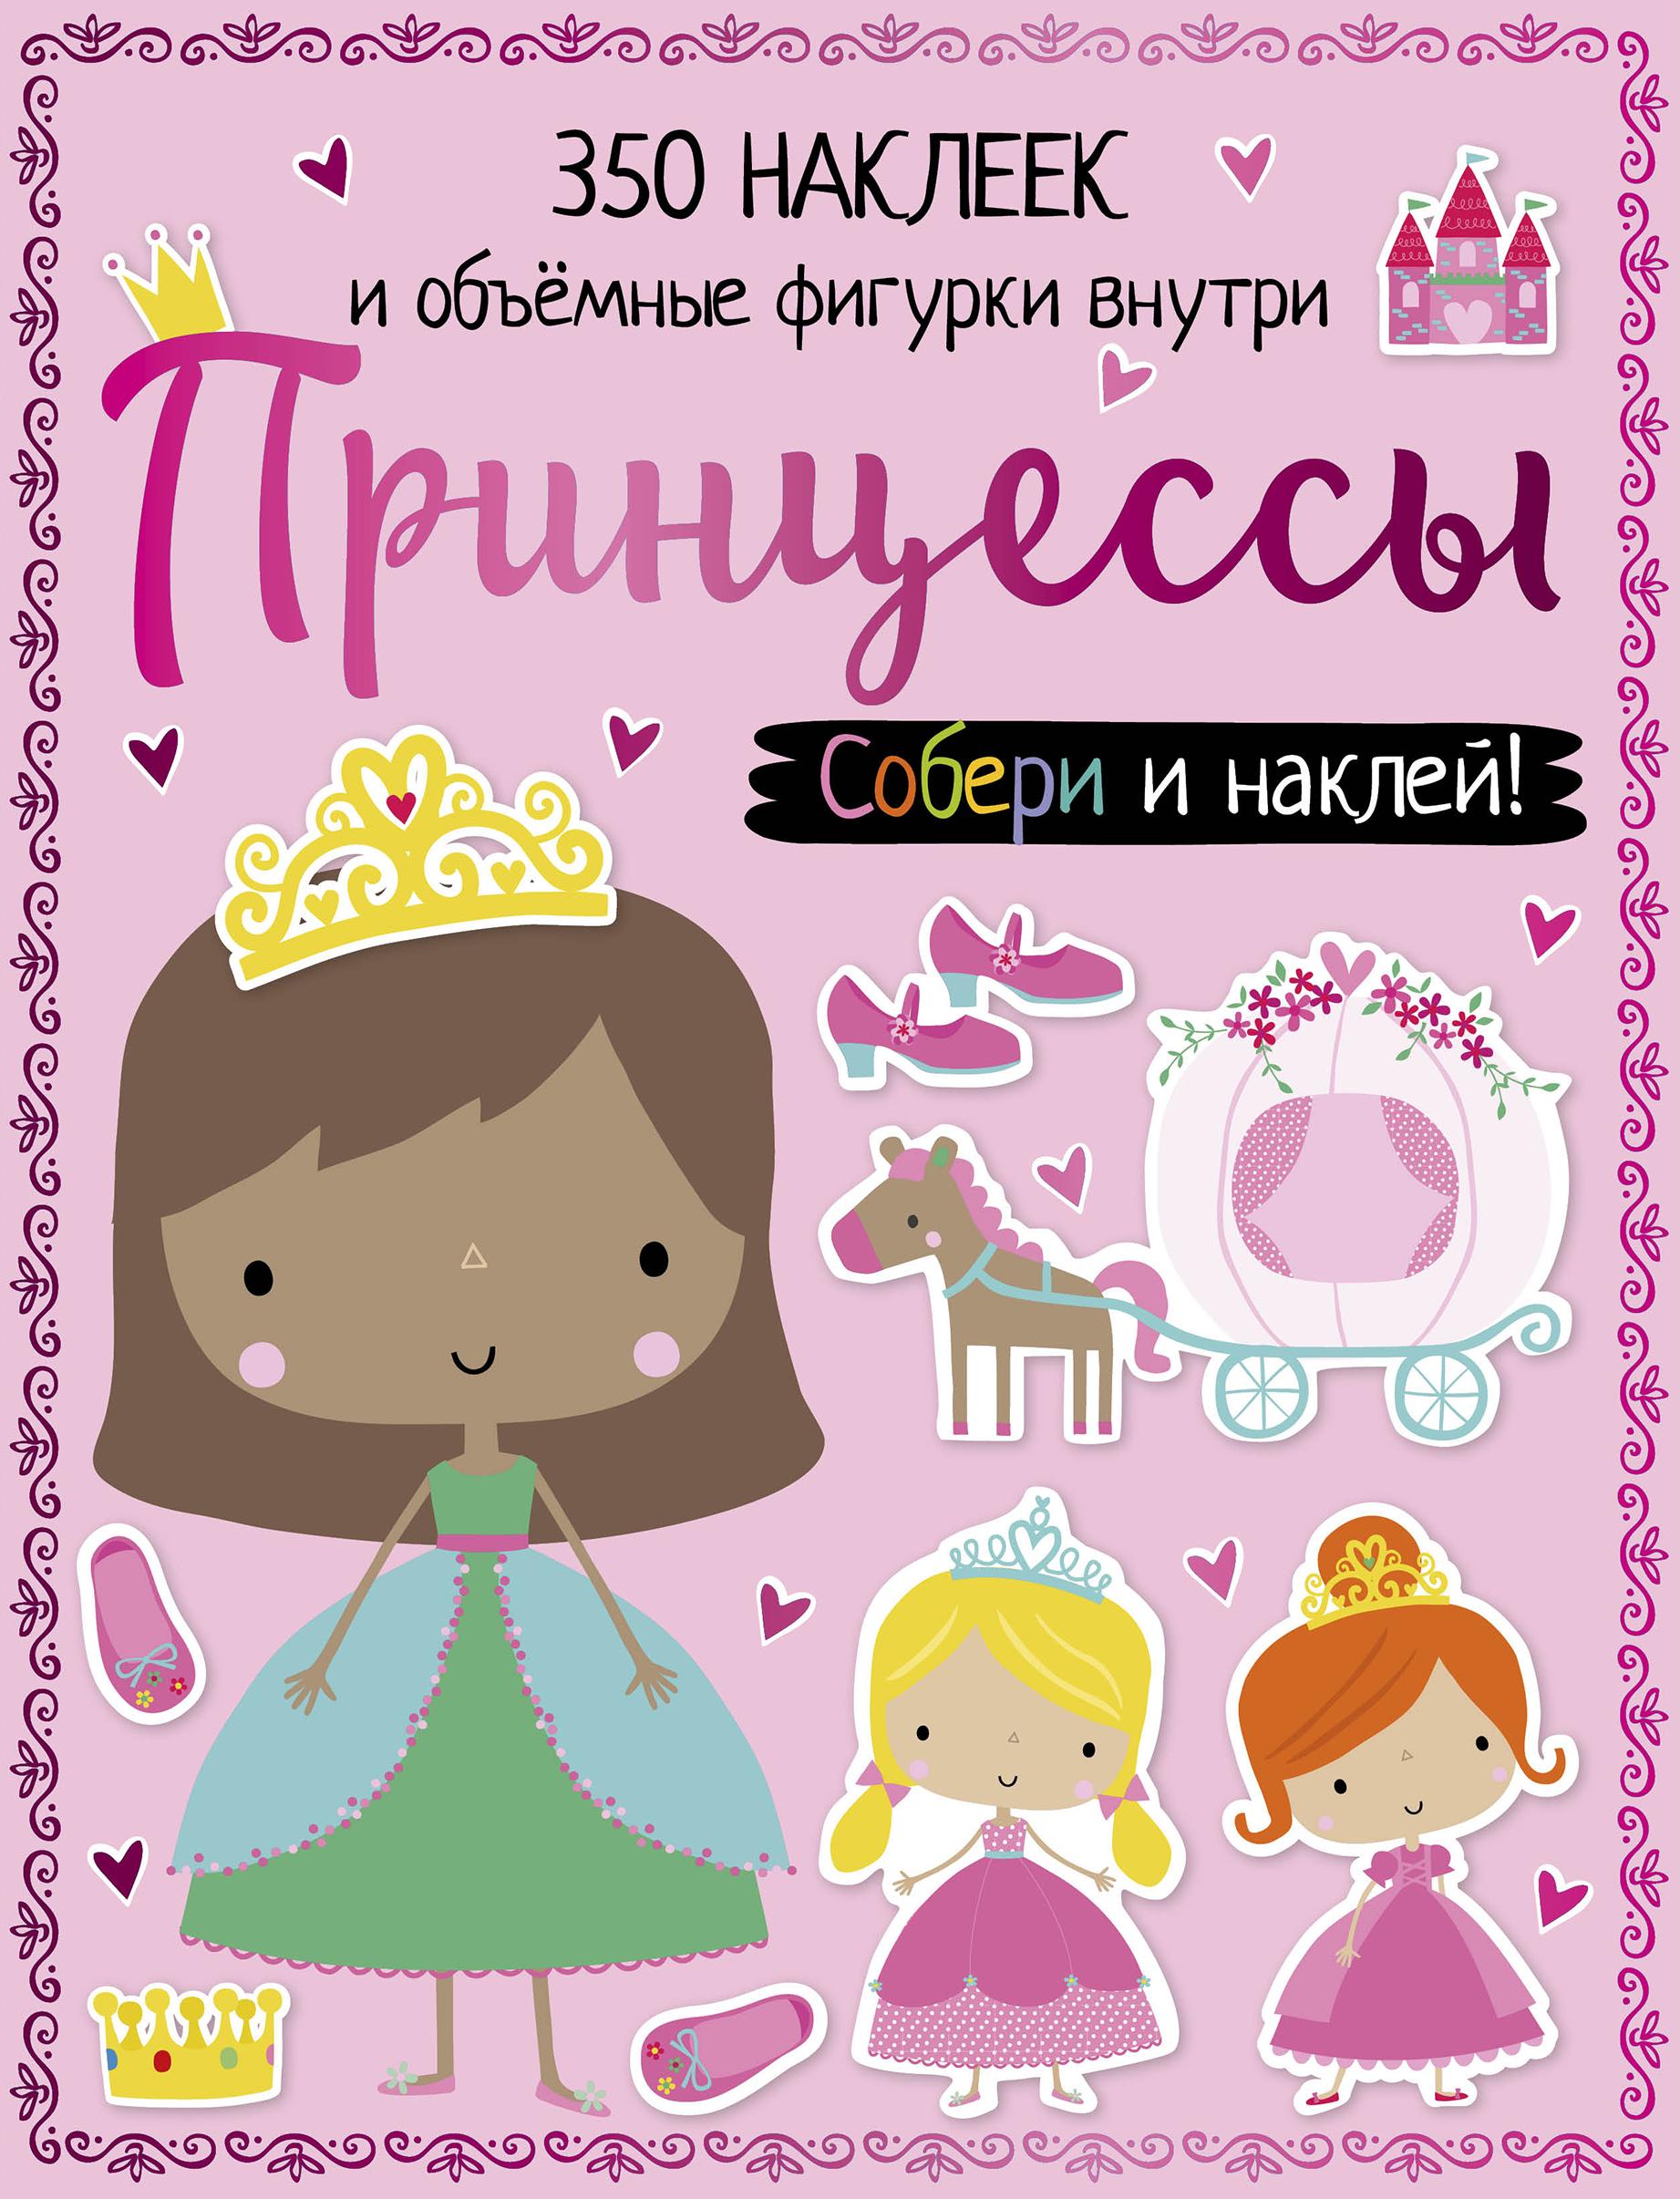 . Принцессы дмитриева в как стать настоящей принцессой isbn 9785271346712